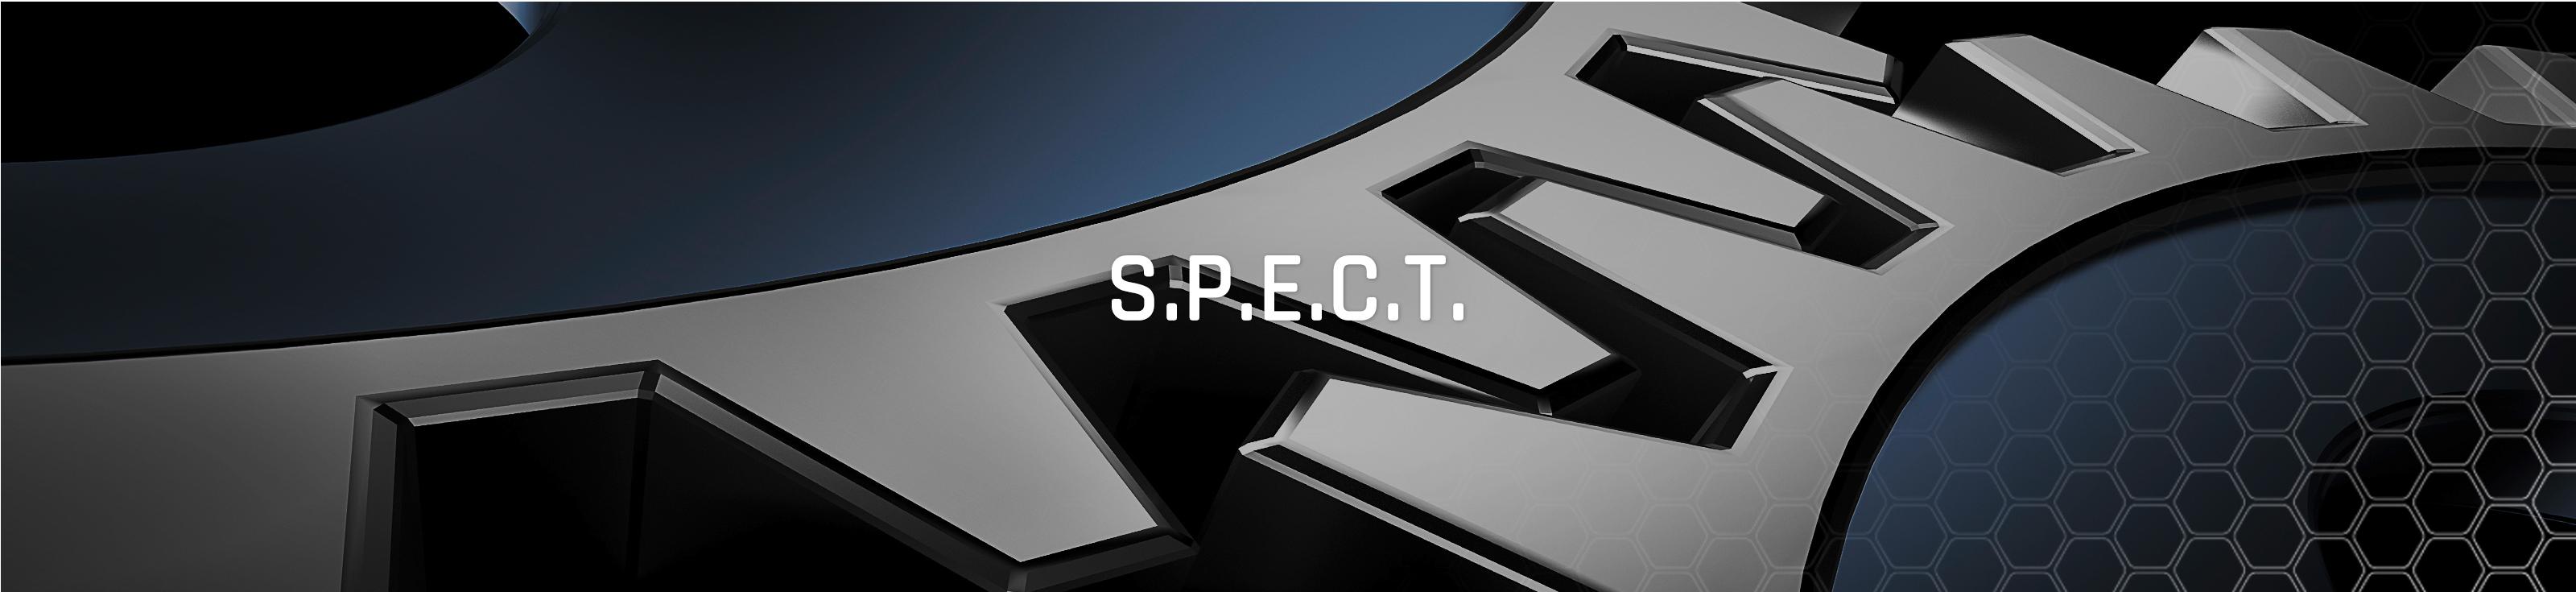 Slider_spect2_ps